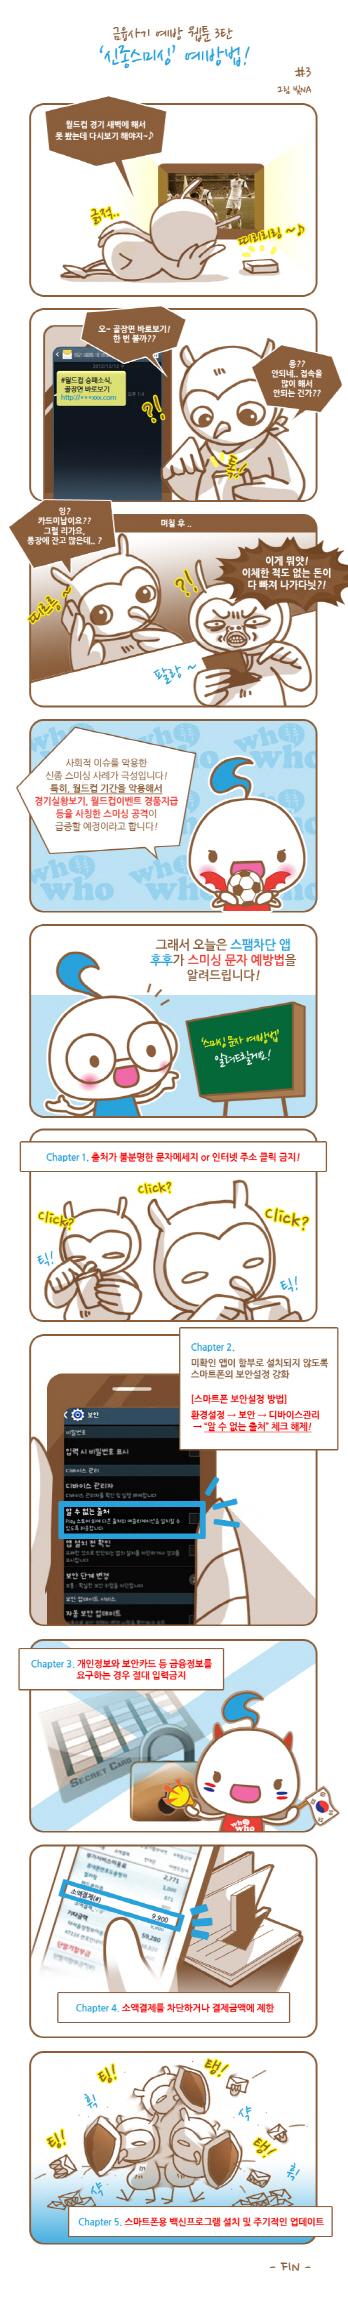 [금융사기 예방 웹툰③] '신종 스미싱' 예방법